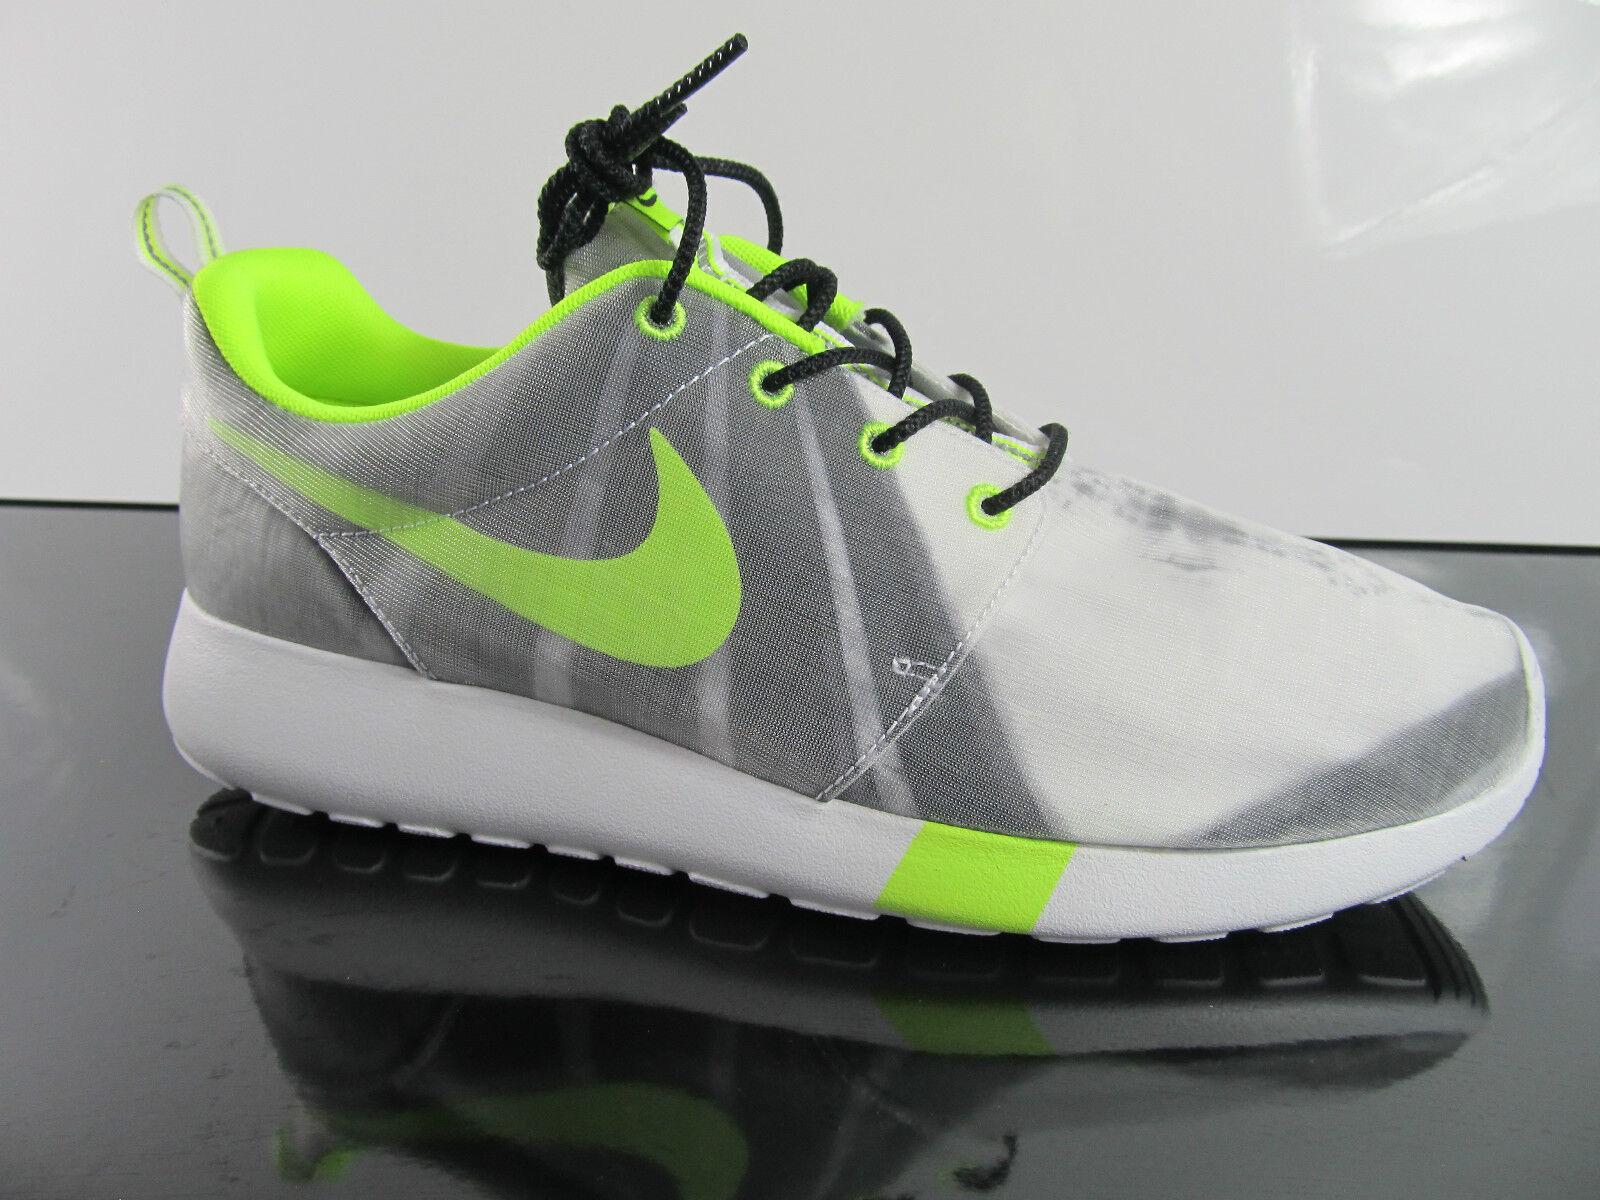 Nike Roshe Rosherun FV QS Black Volt White Sneaker UK_8.5 US_11 Eur 43